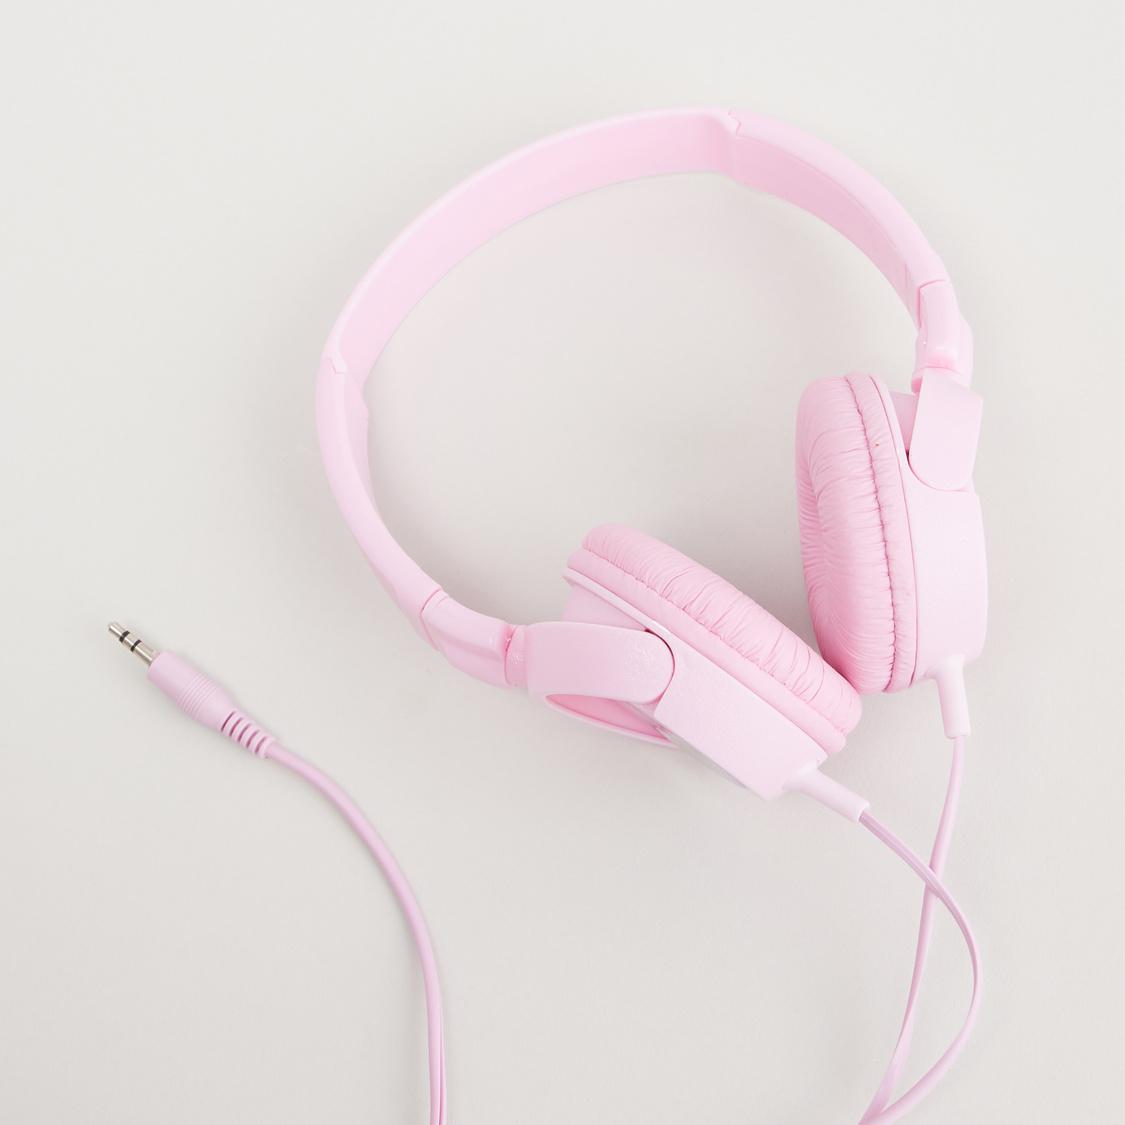 Unicorn Print Headphones with Cord